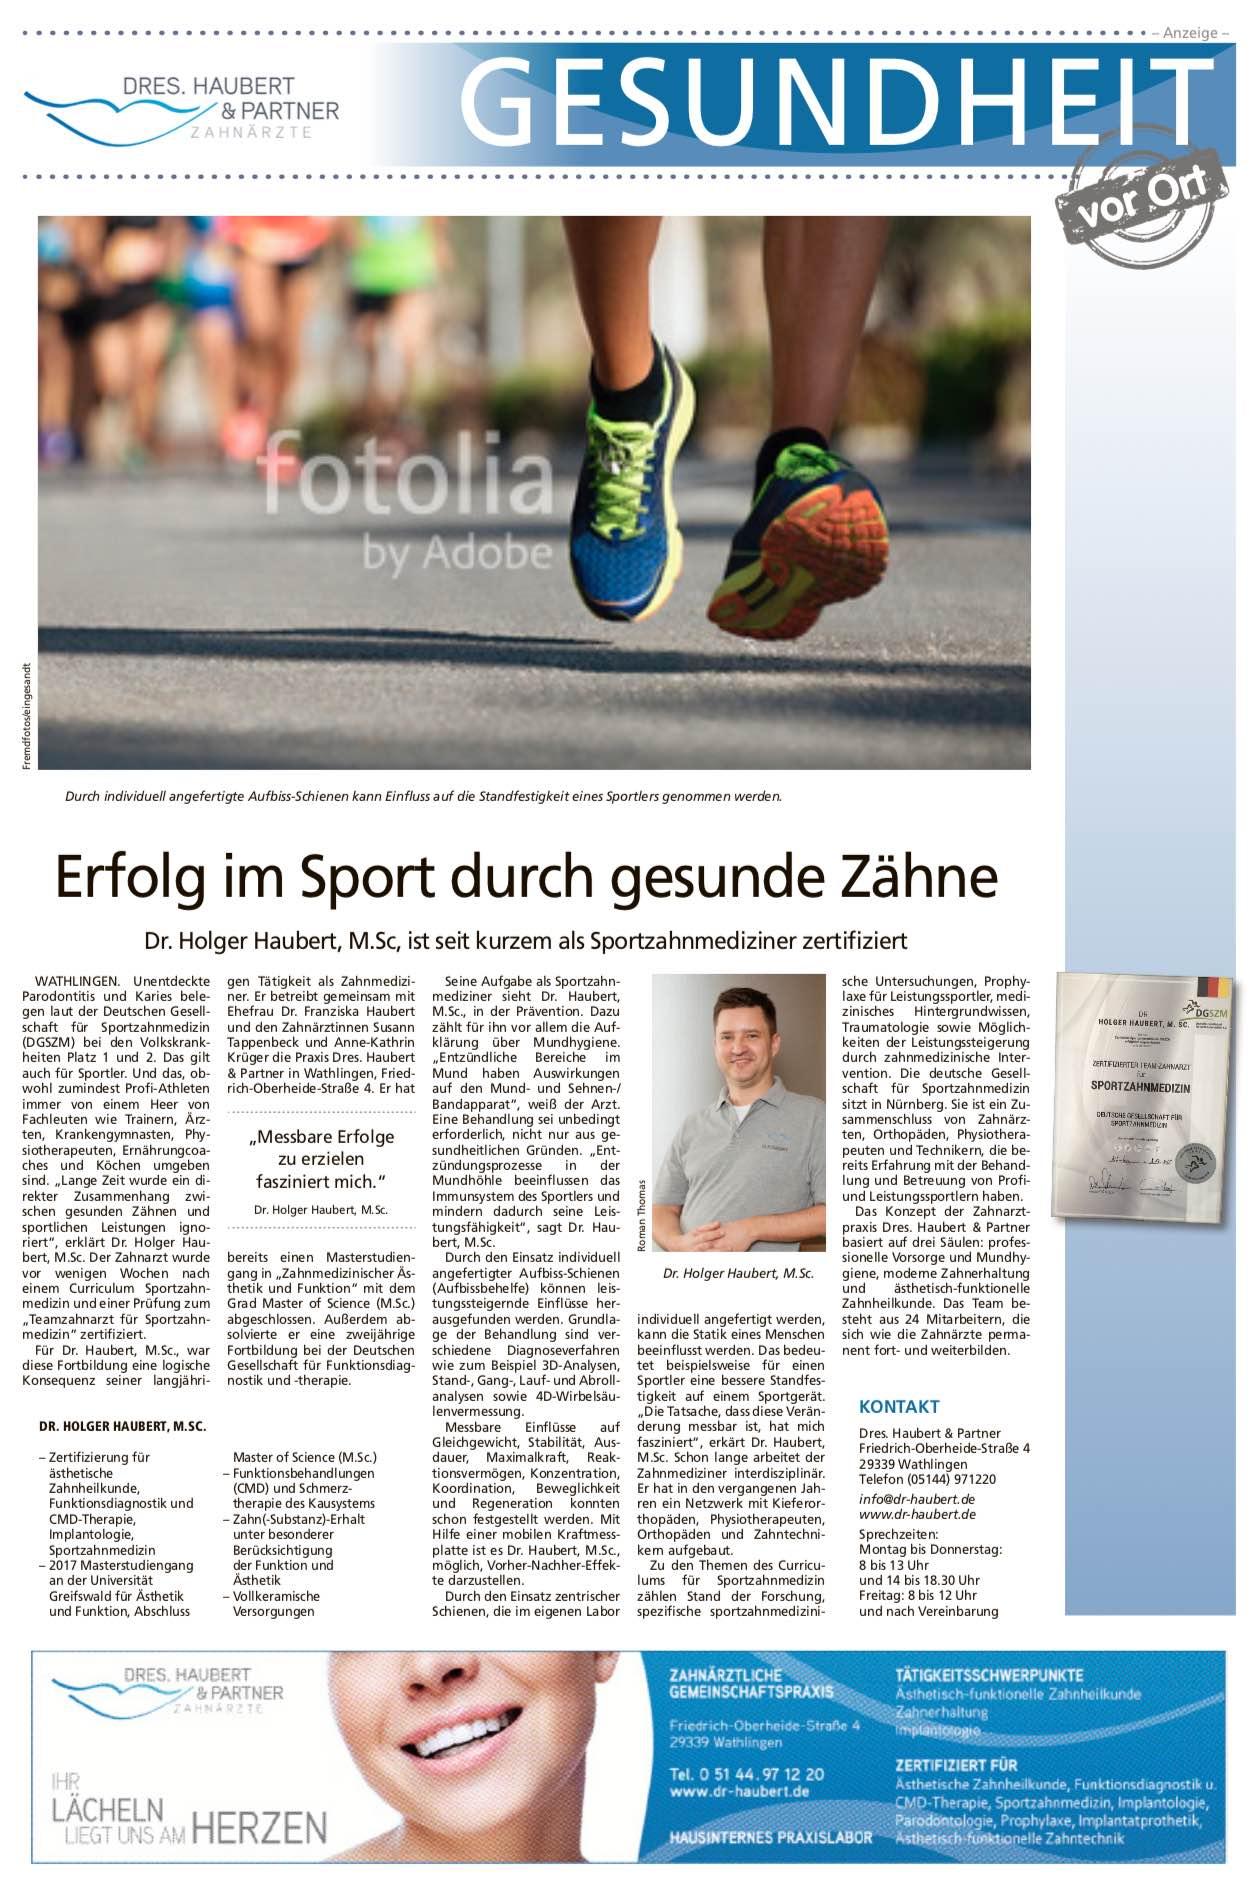 Unsere Seite in der CZ am 11.01.2019 über Sportzahnmedizin